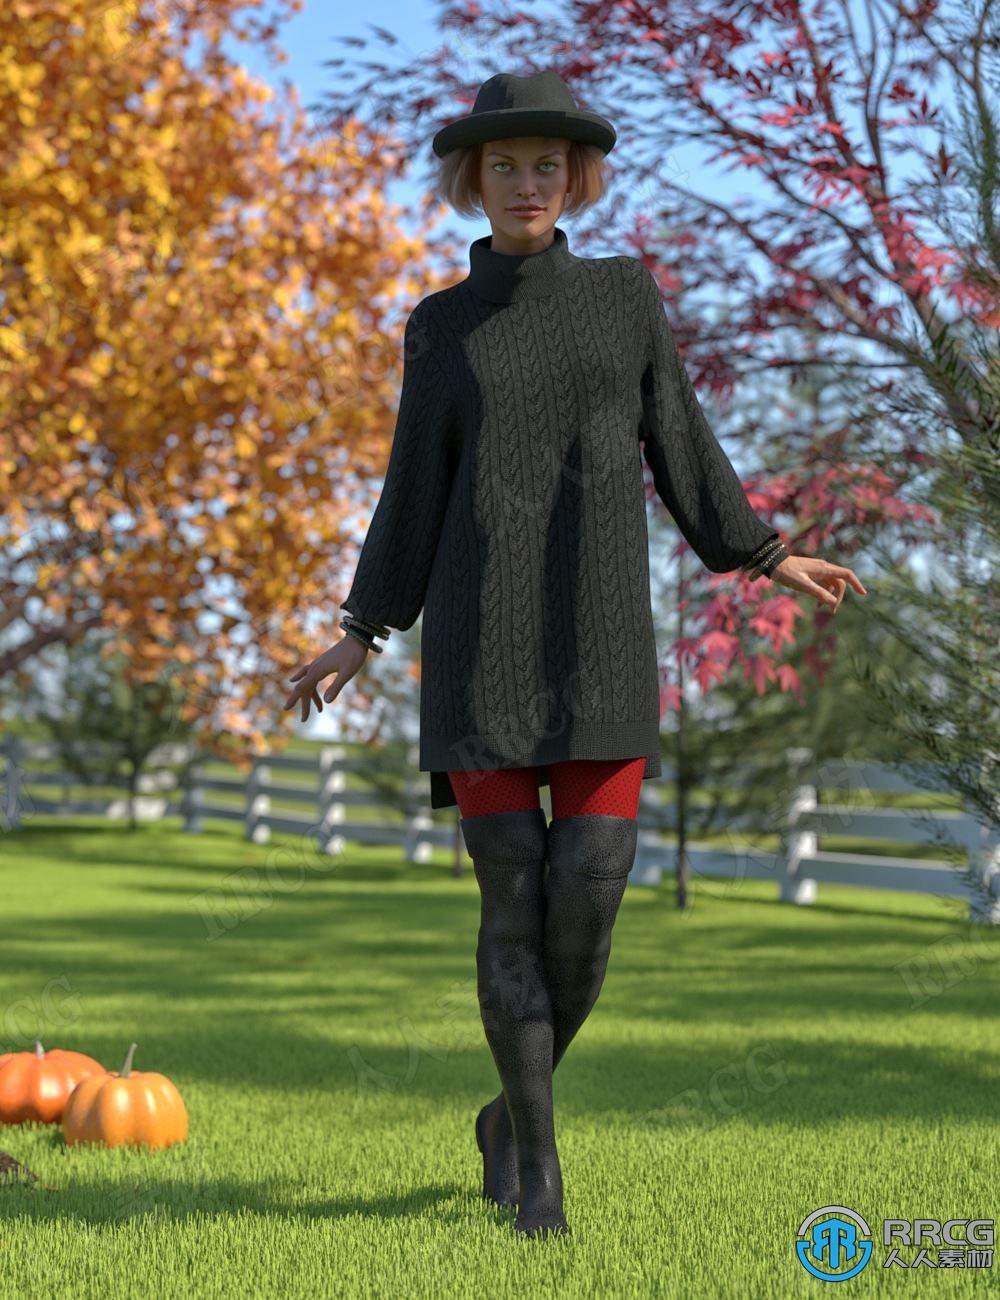 秋季女性长款净版毛衣长靴服饰套装3D模型合集